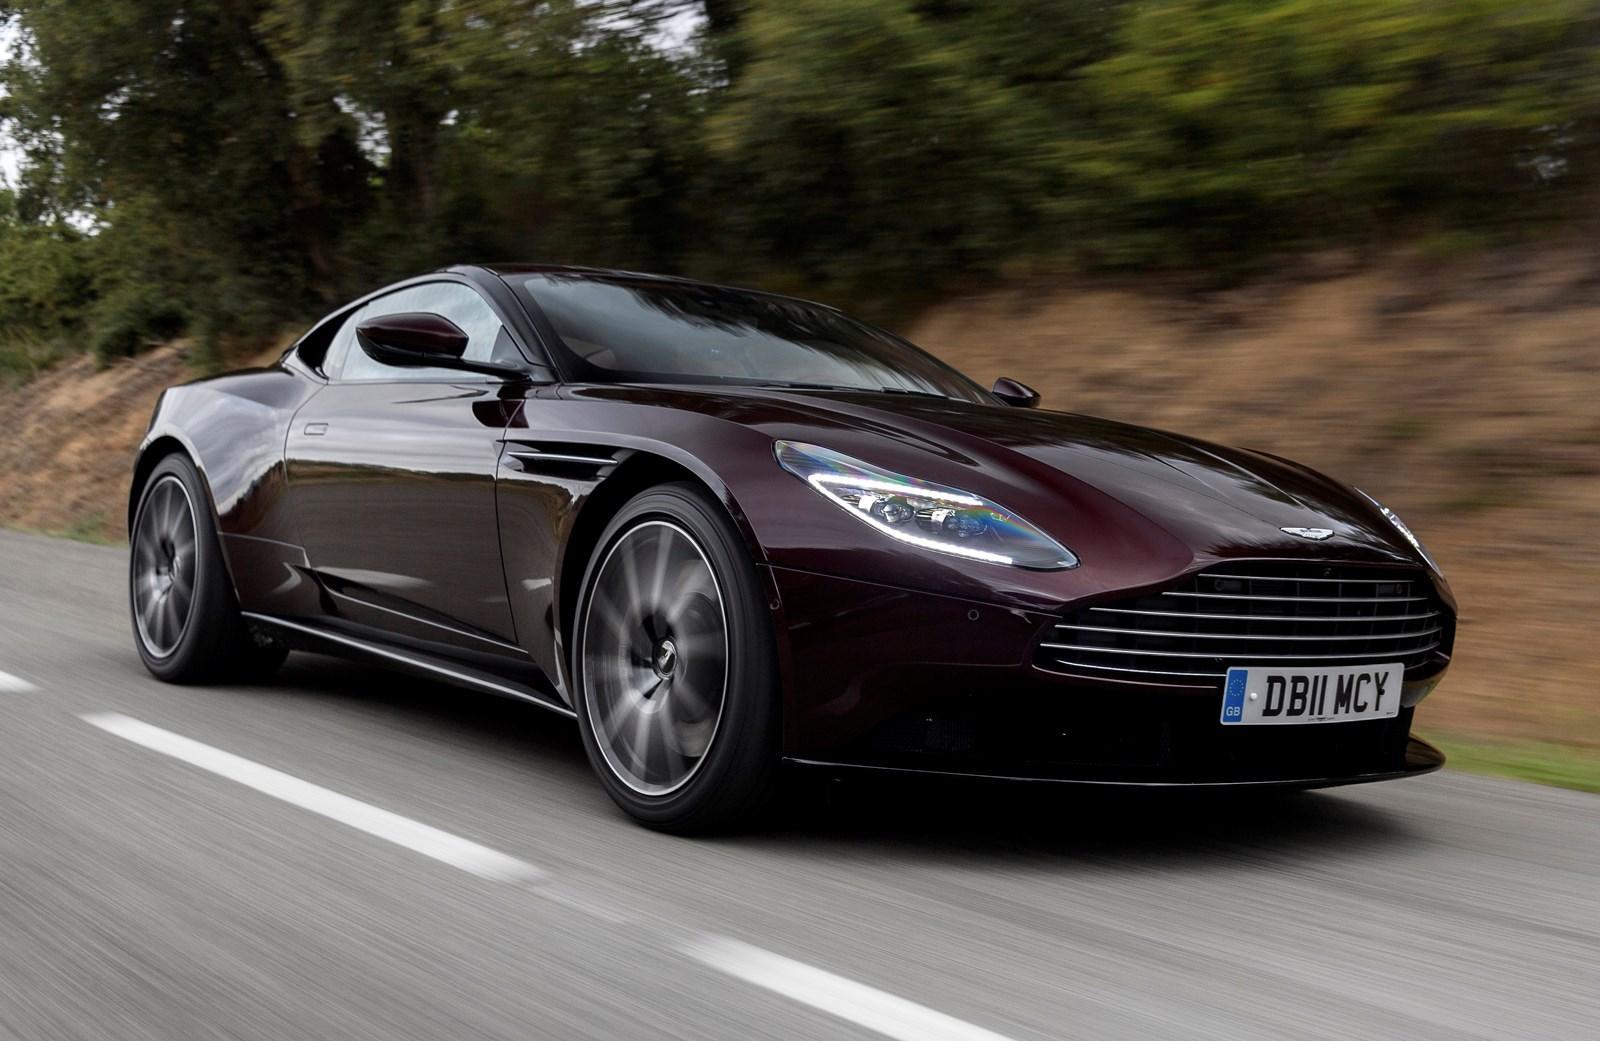 Aston Martin Db11 V8 Specs 0 60 Quarter Mile Lap Times Fastestlaps Com